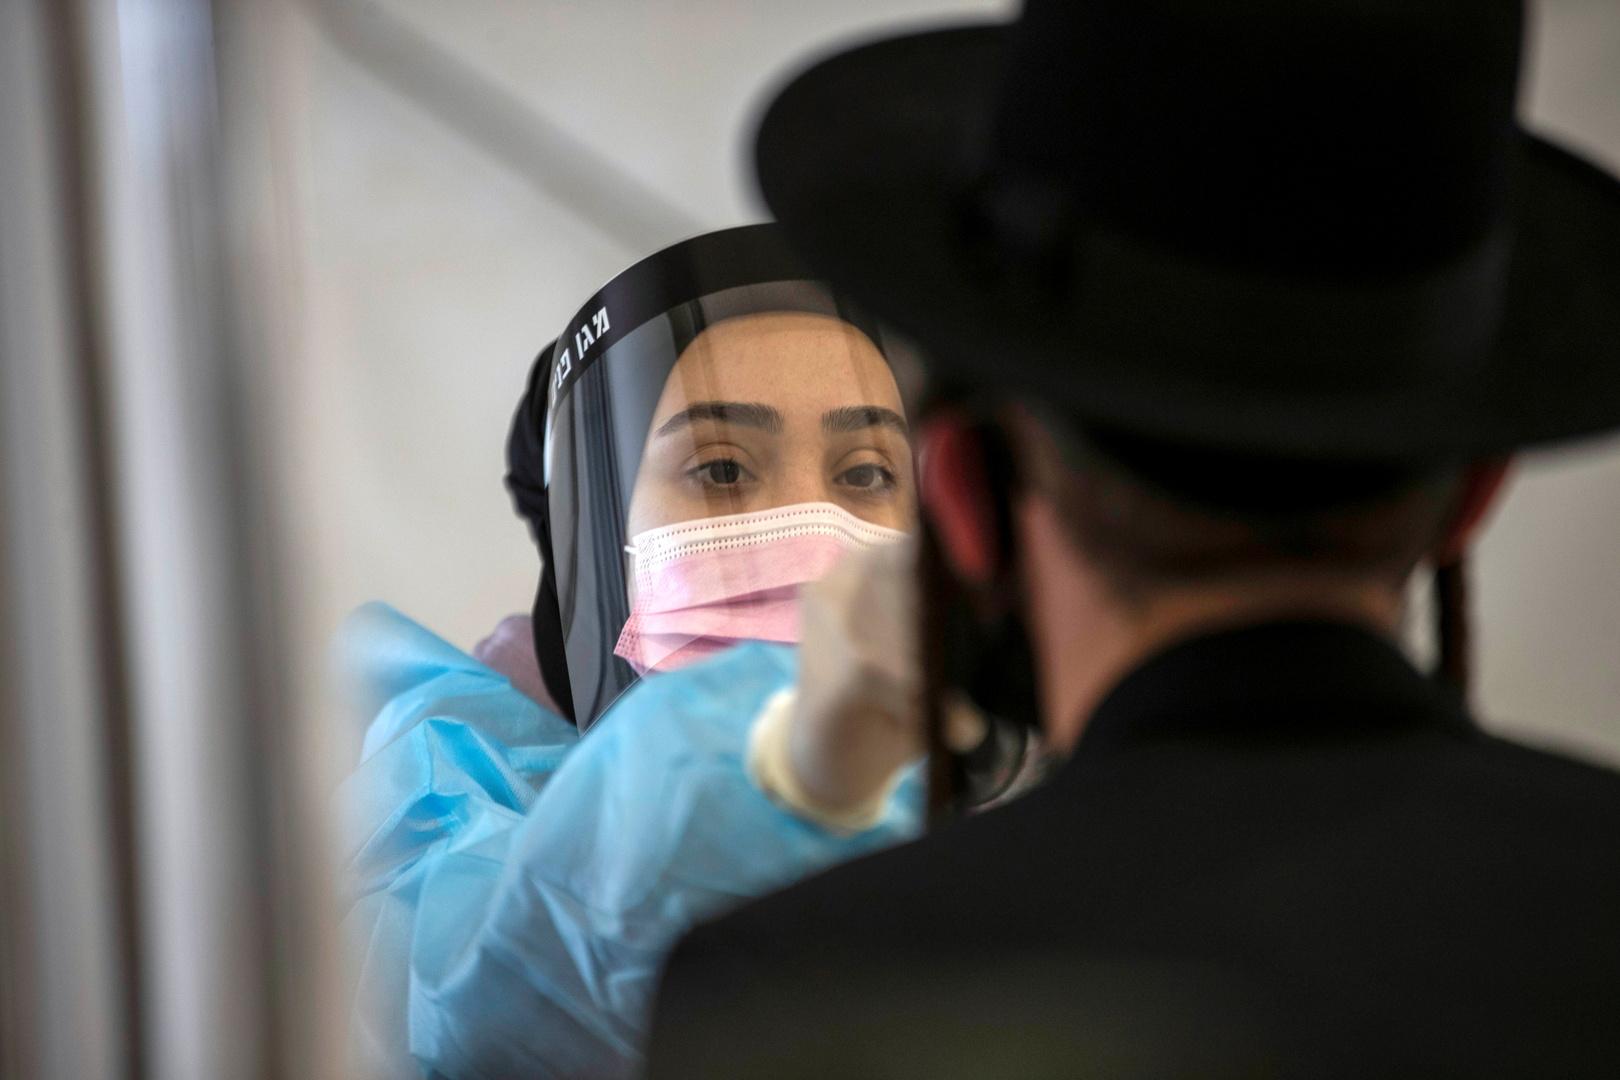 إسرائيل تعيد فرض ارتداء الكمامات في الأماكن المغلقة بدءا من اليوم